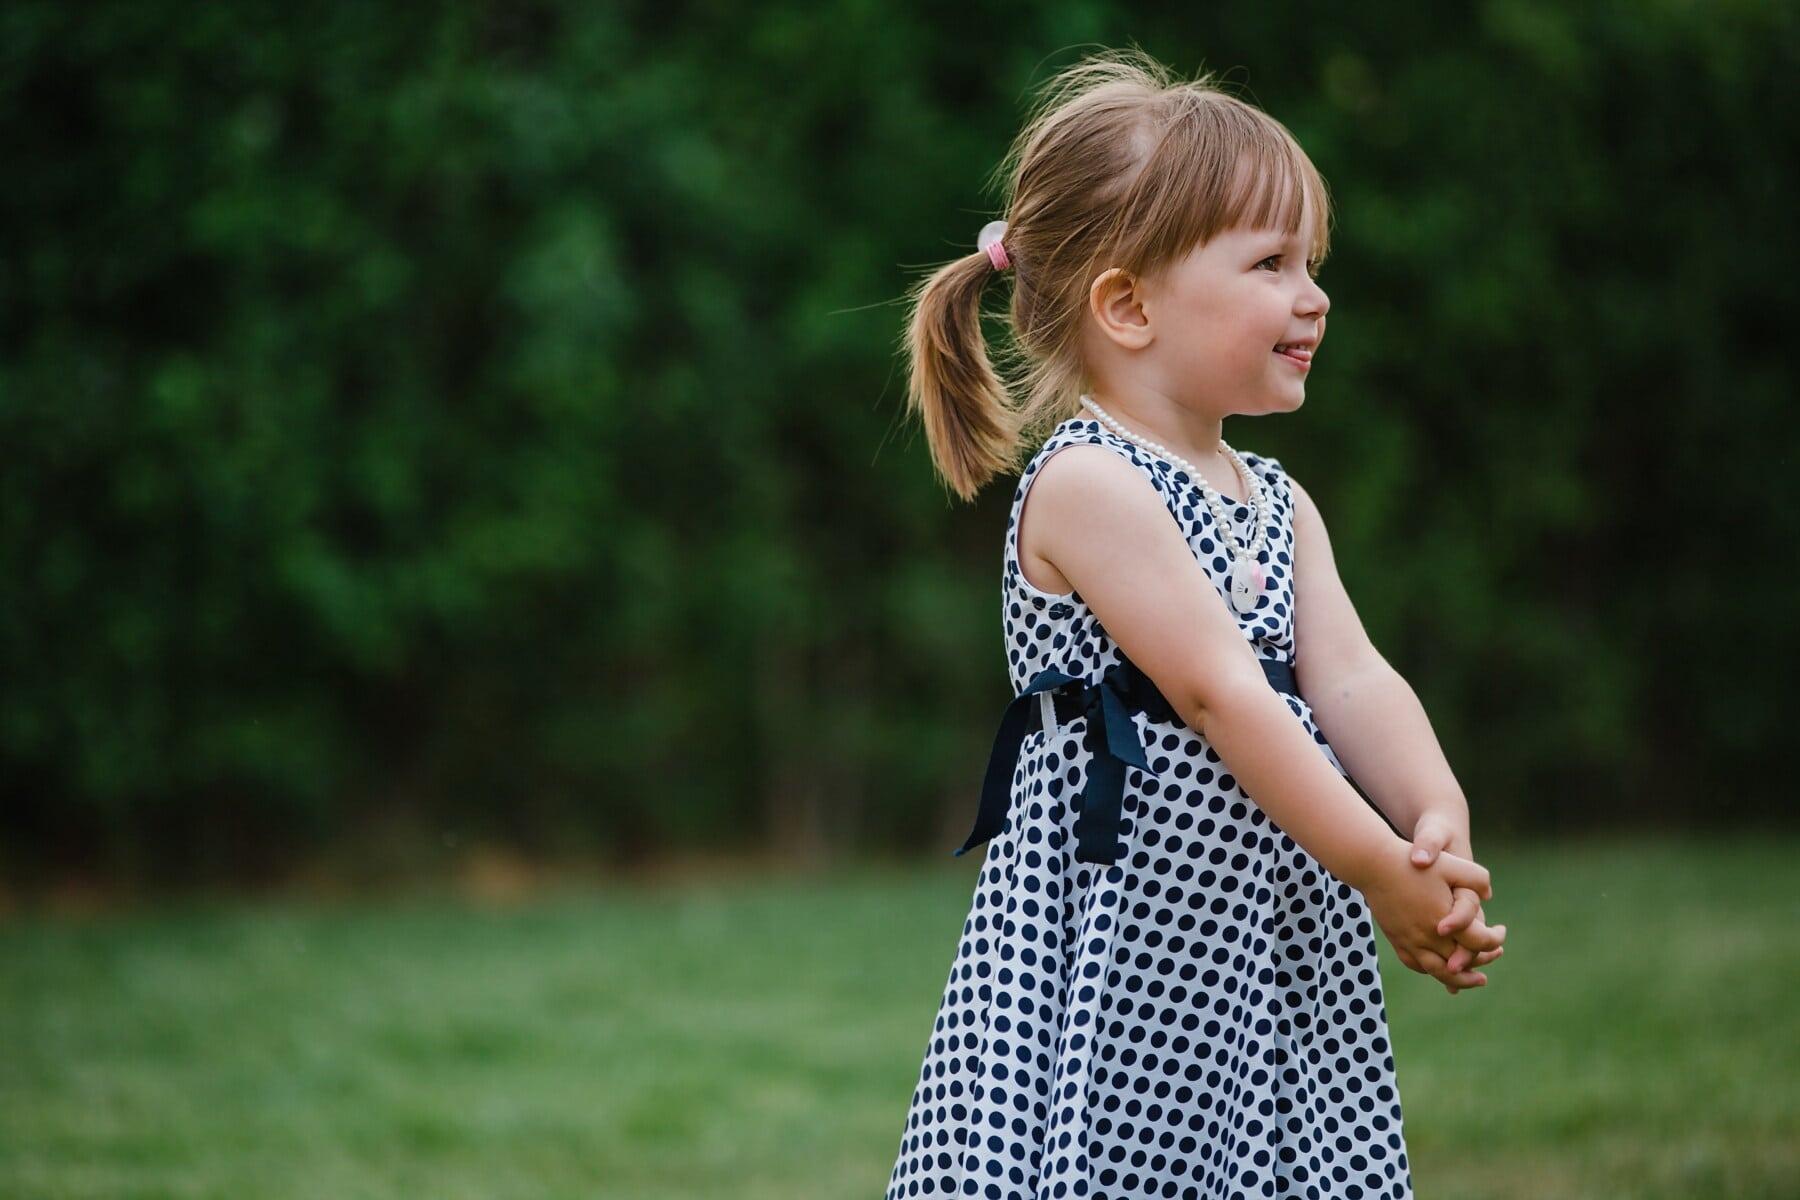 дівчина, Блондинка, посміхаючись, чарівні, дитина, веселий, задоволення, щасливий, трава, парк